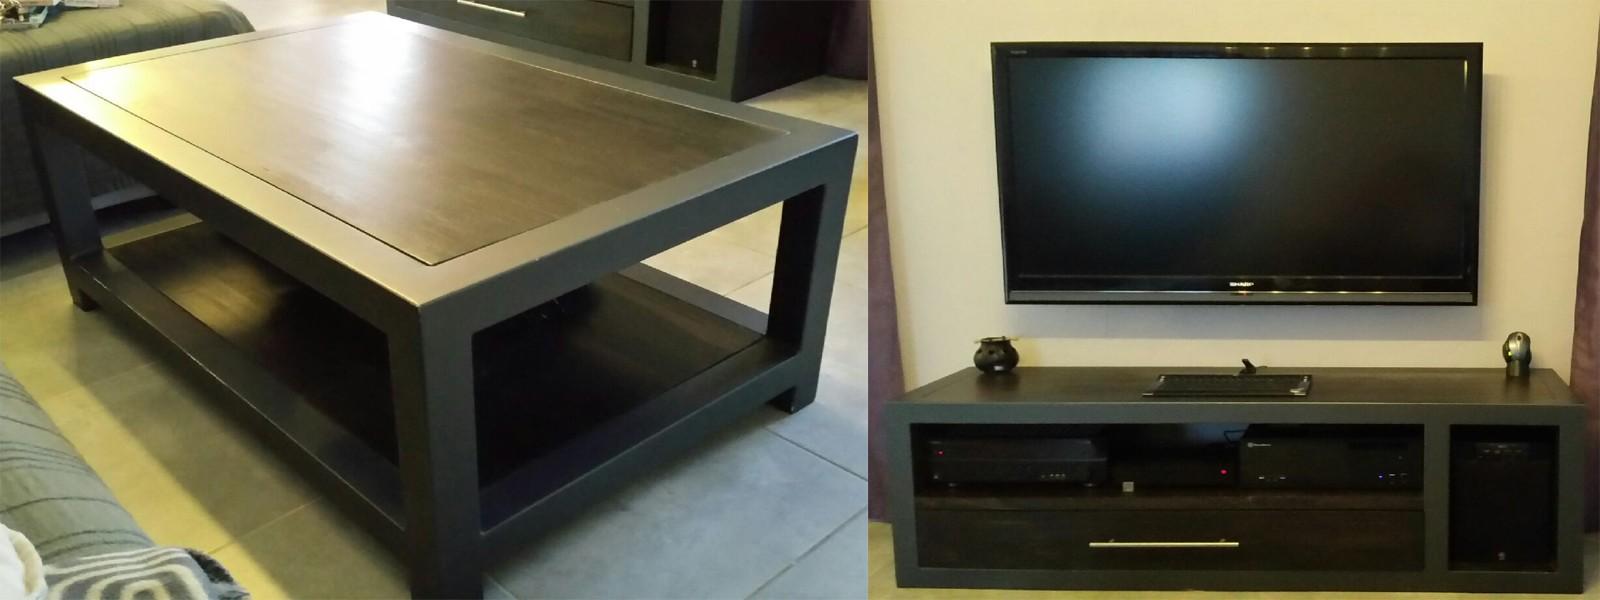 meubles bois & fer